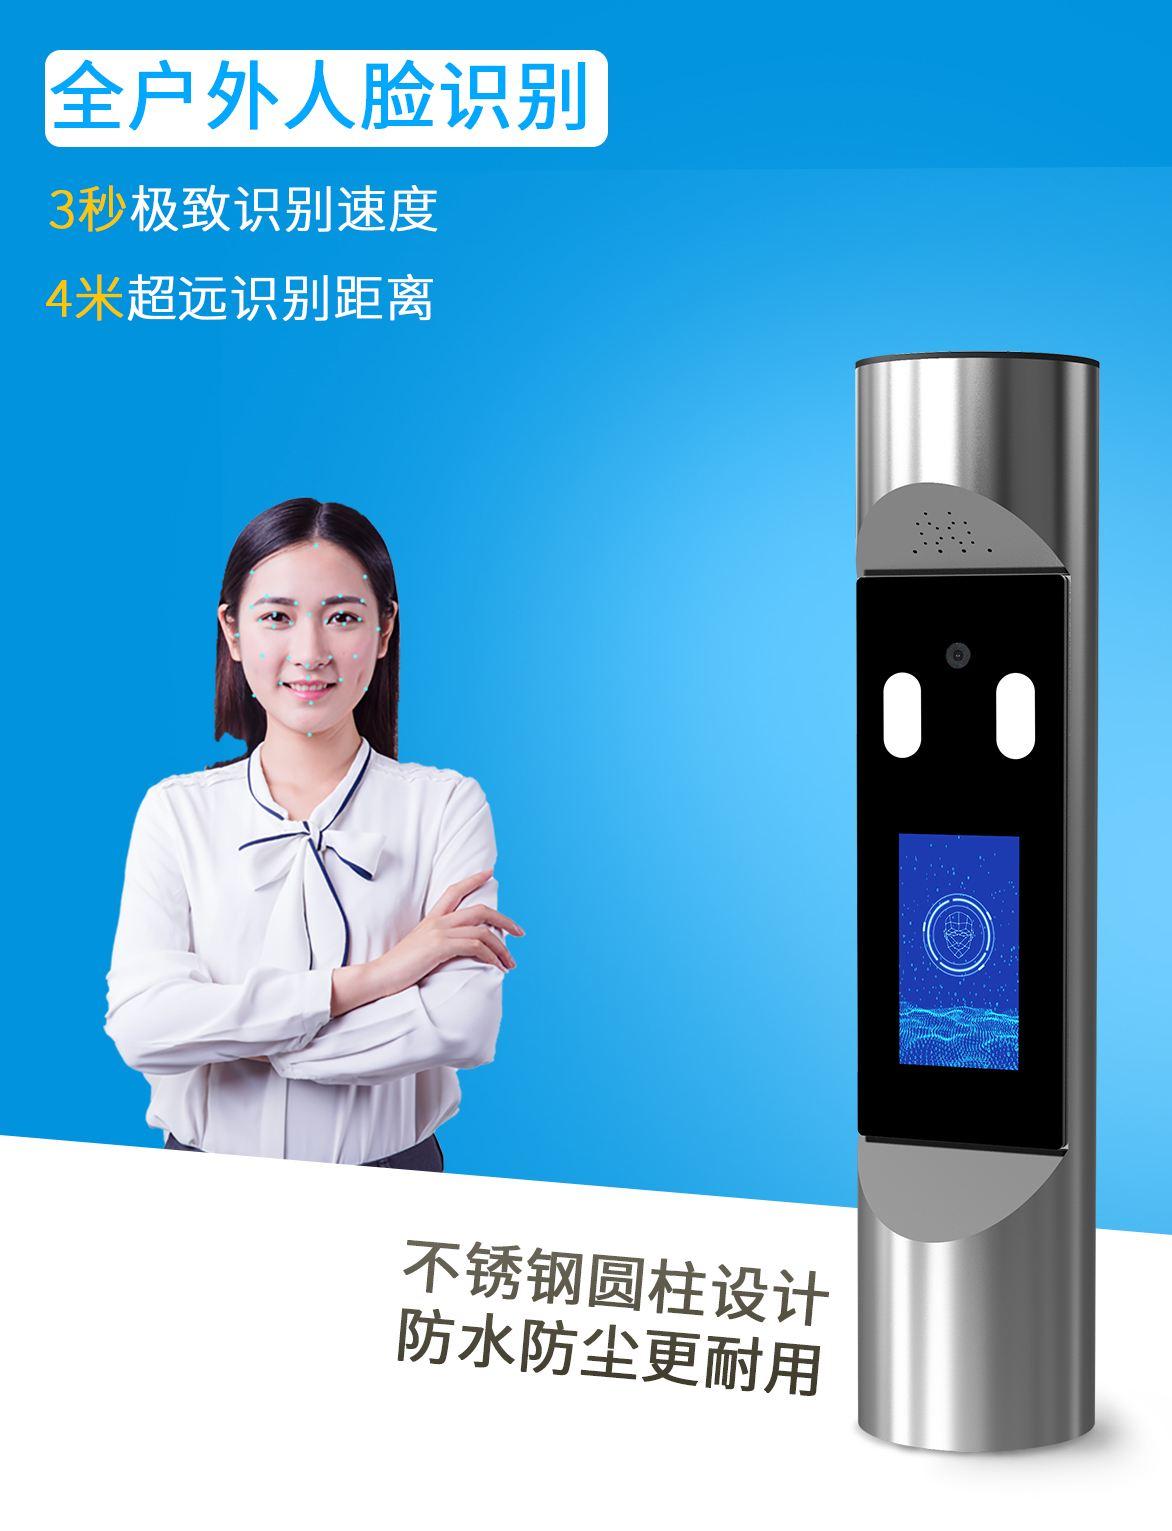 重庆小区门禁系统